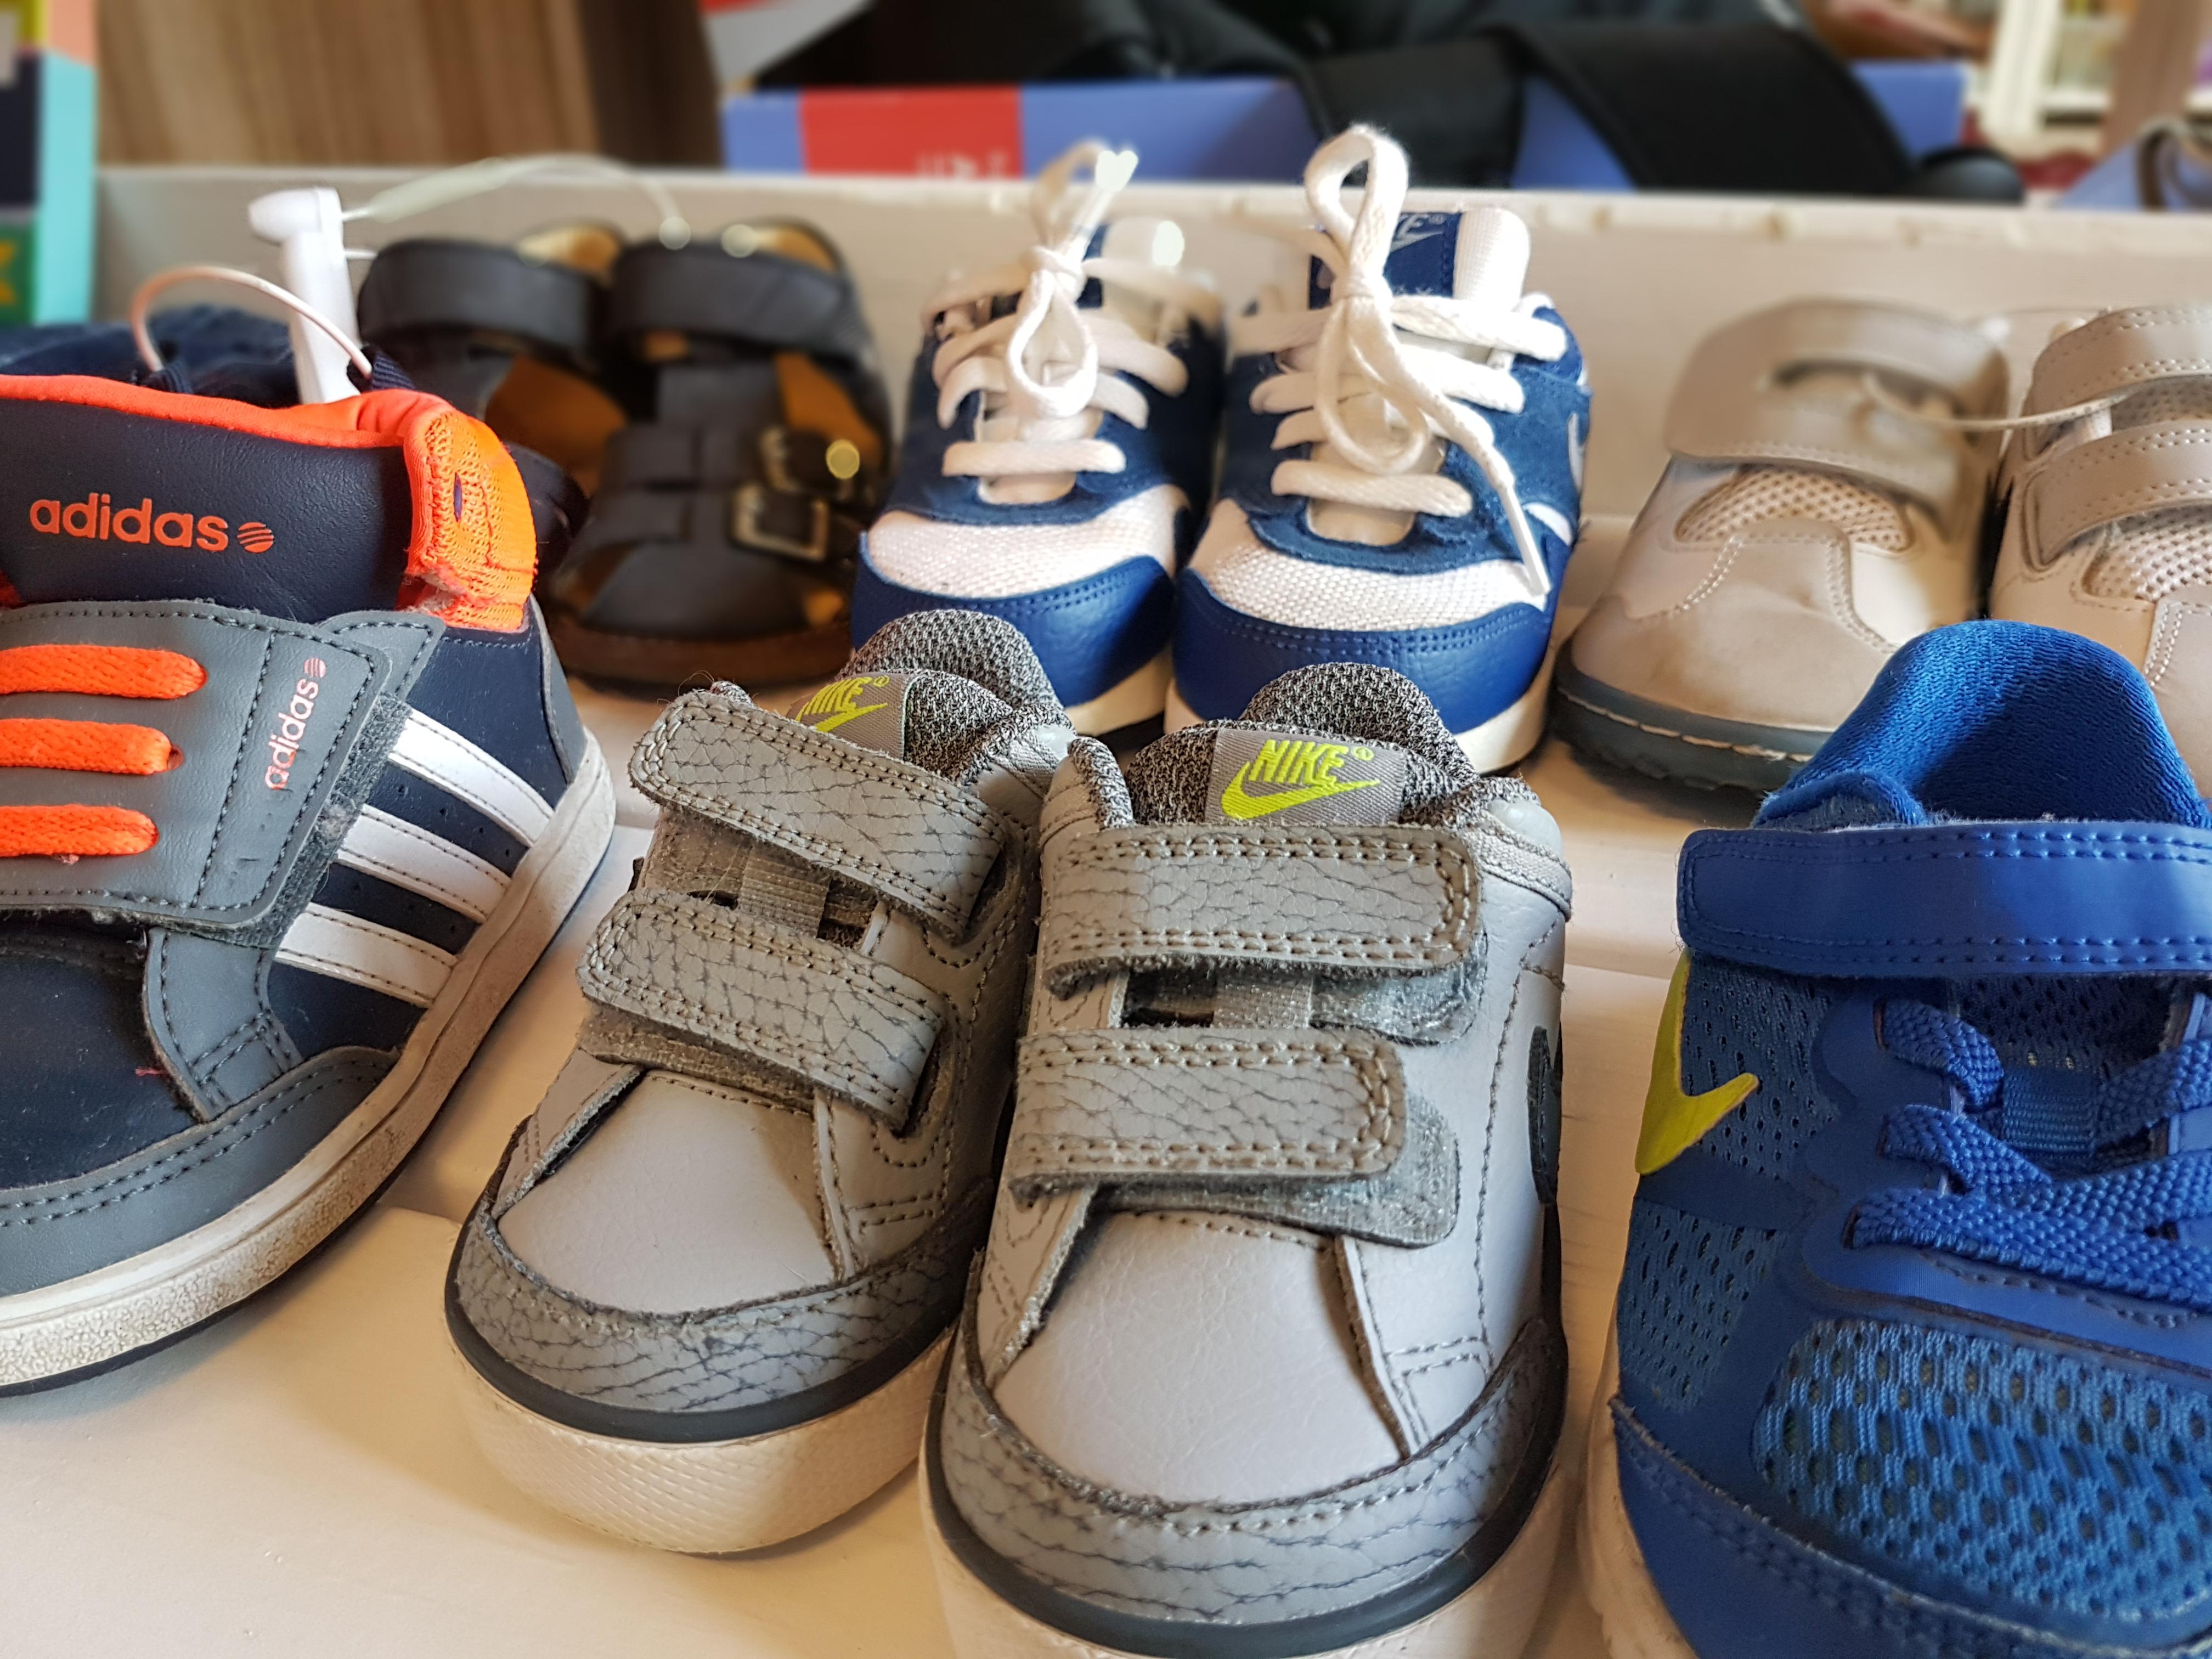 børneloppen sko